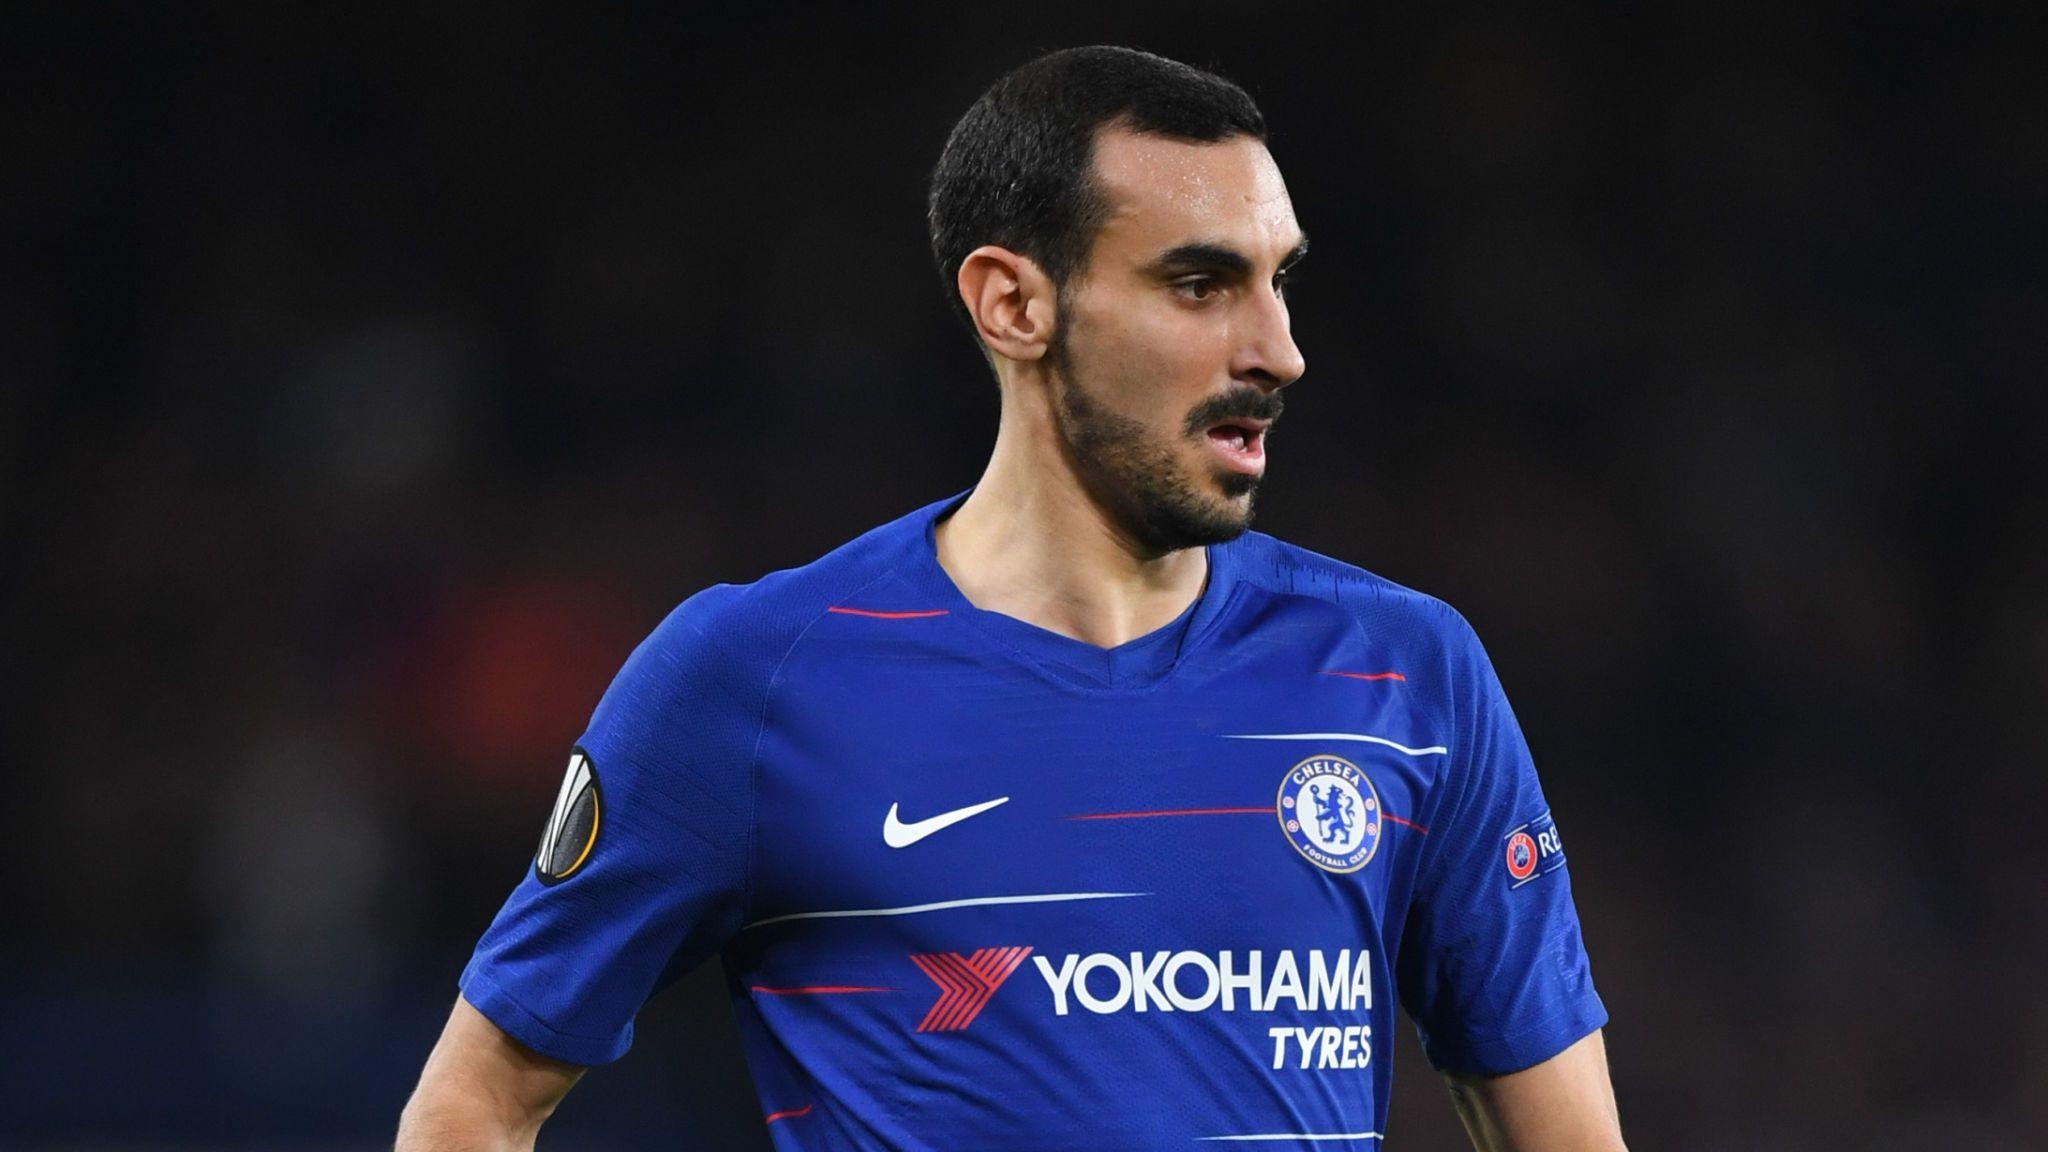 4 cầu thủ có thể chơi trận đấu cuối cùng trong màu áo Chelsea hôm nay - Bóng Đá